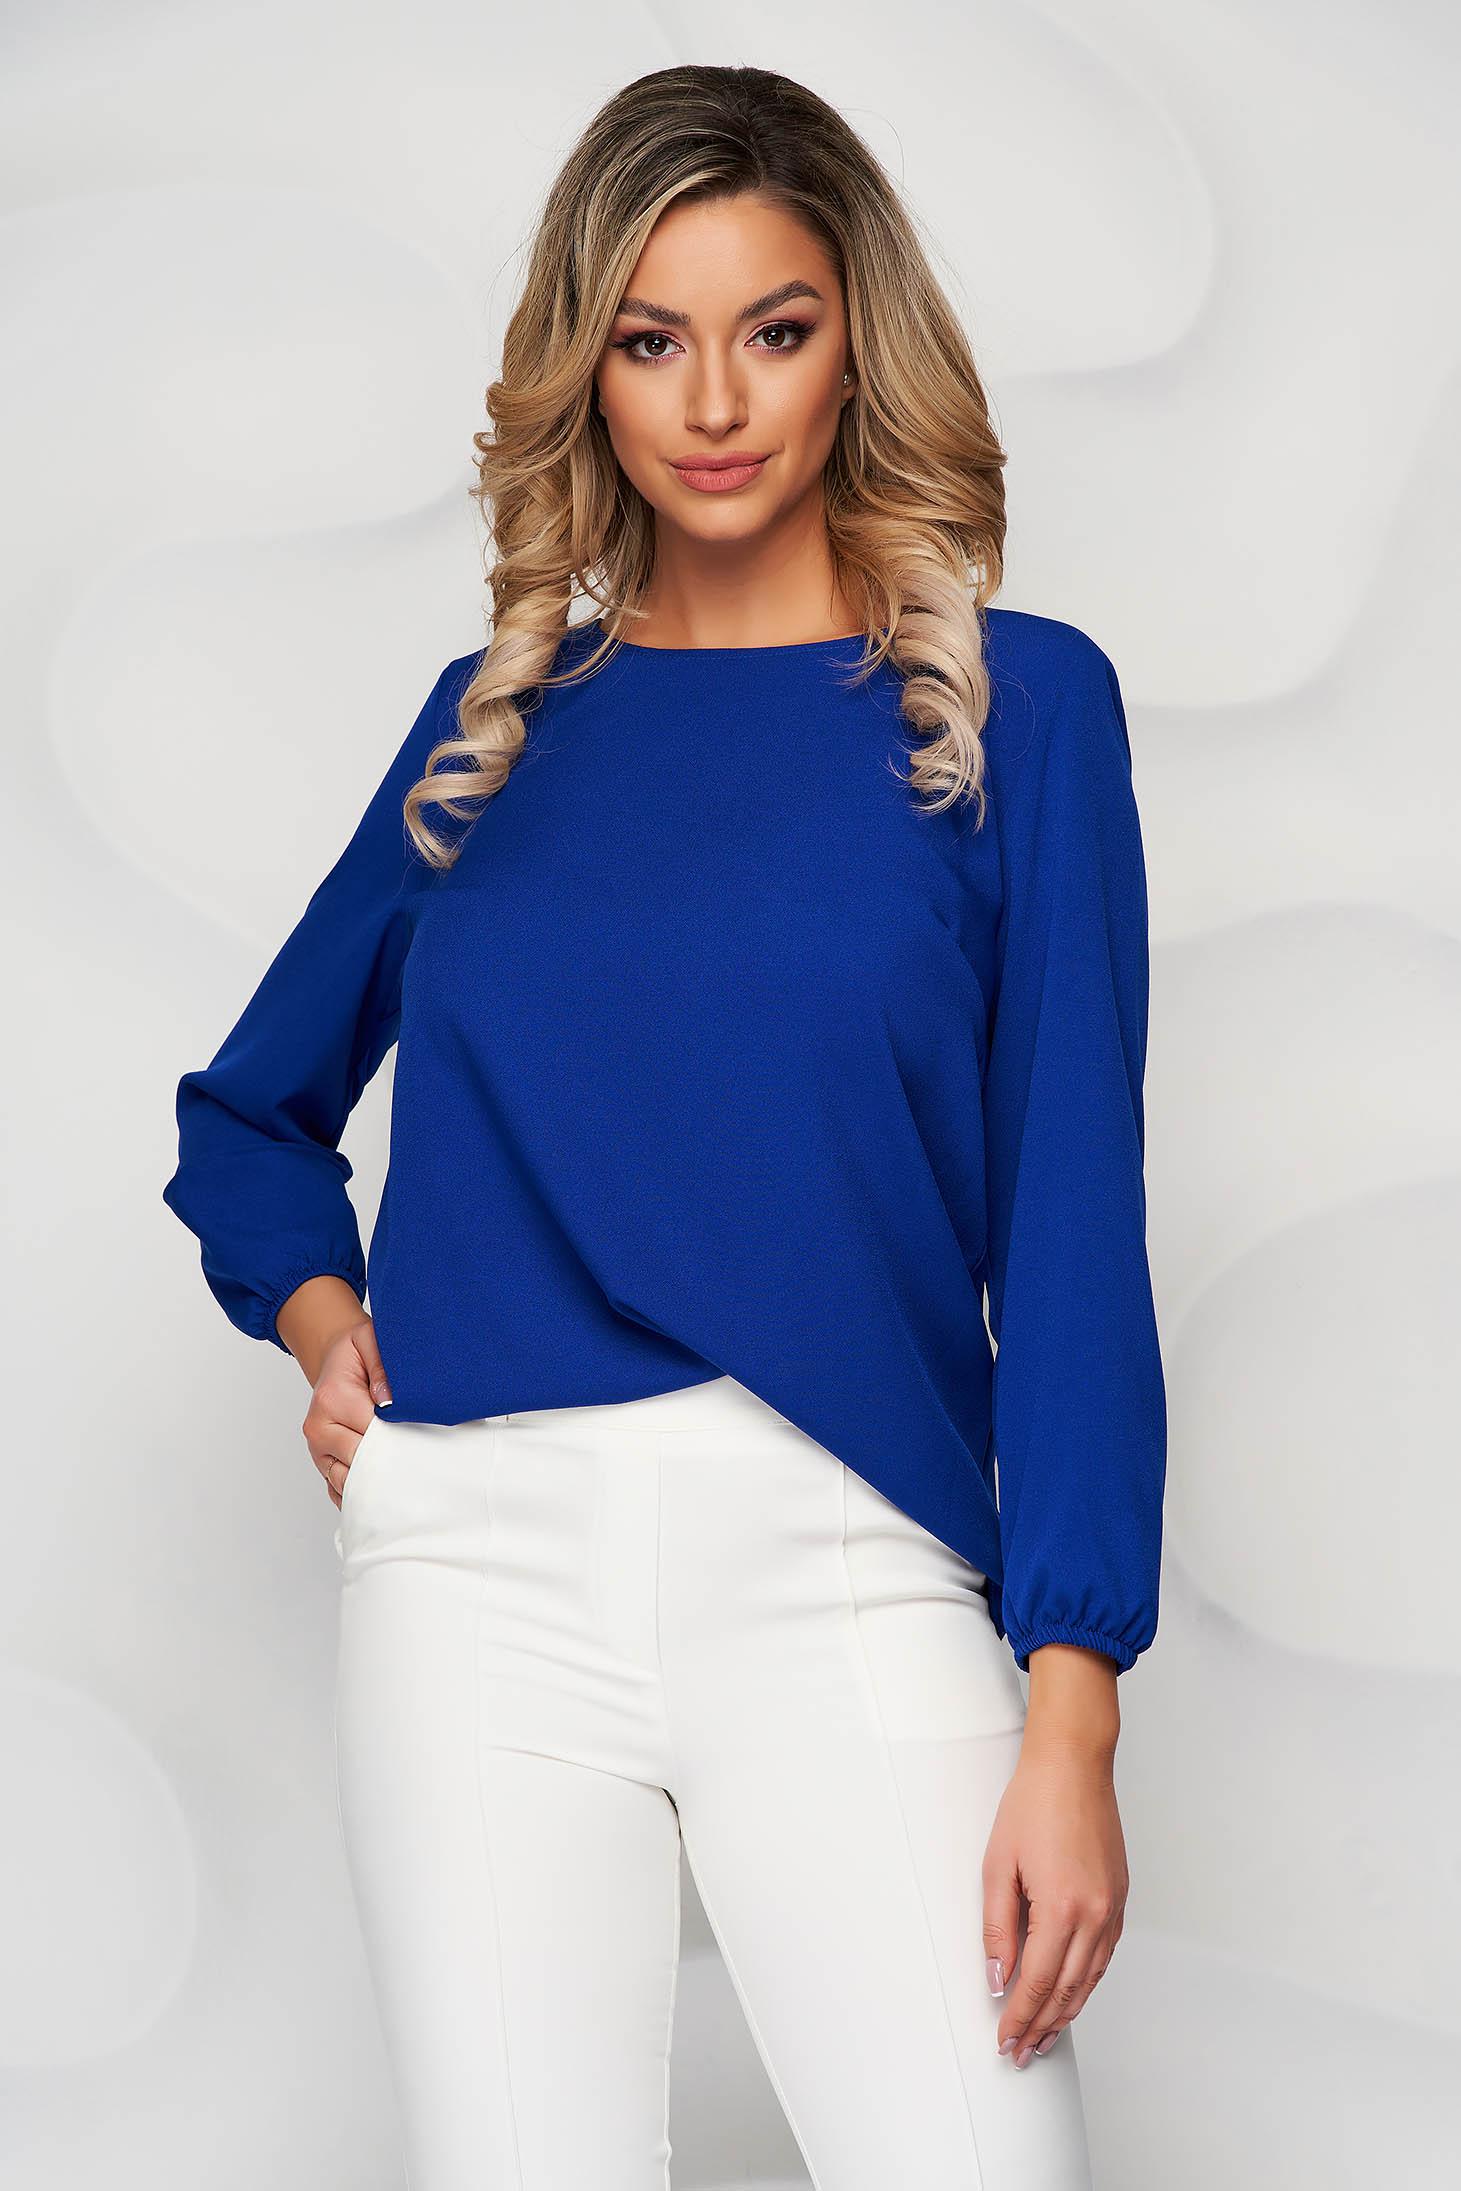 Kék StarShinerS bő szabású női blúz rugalmas anyagból kerekített dekoltázssal